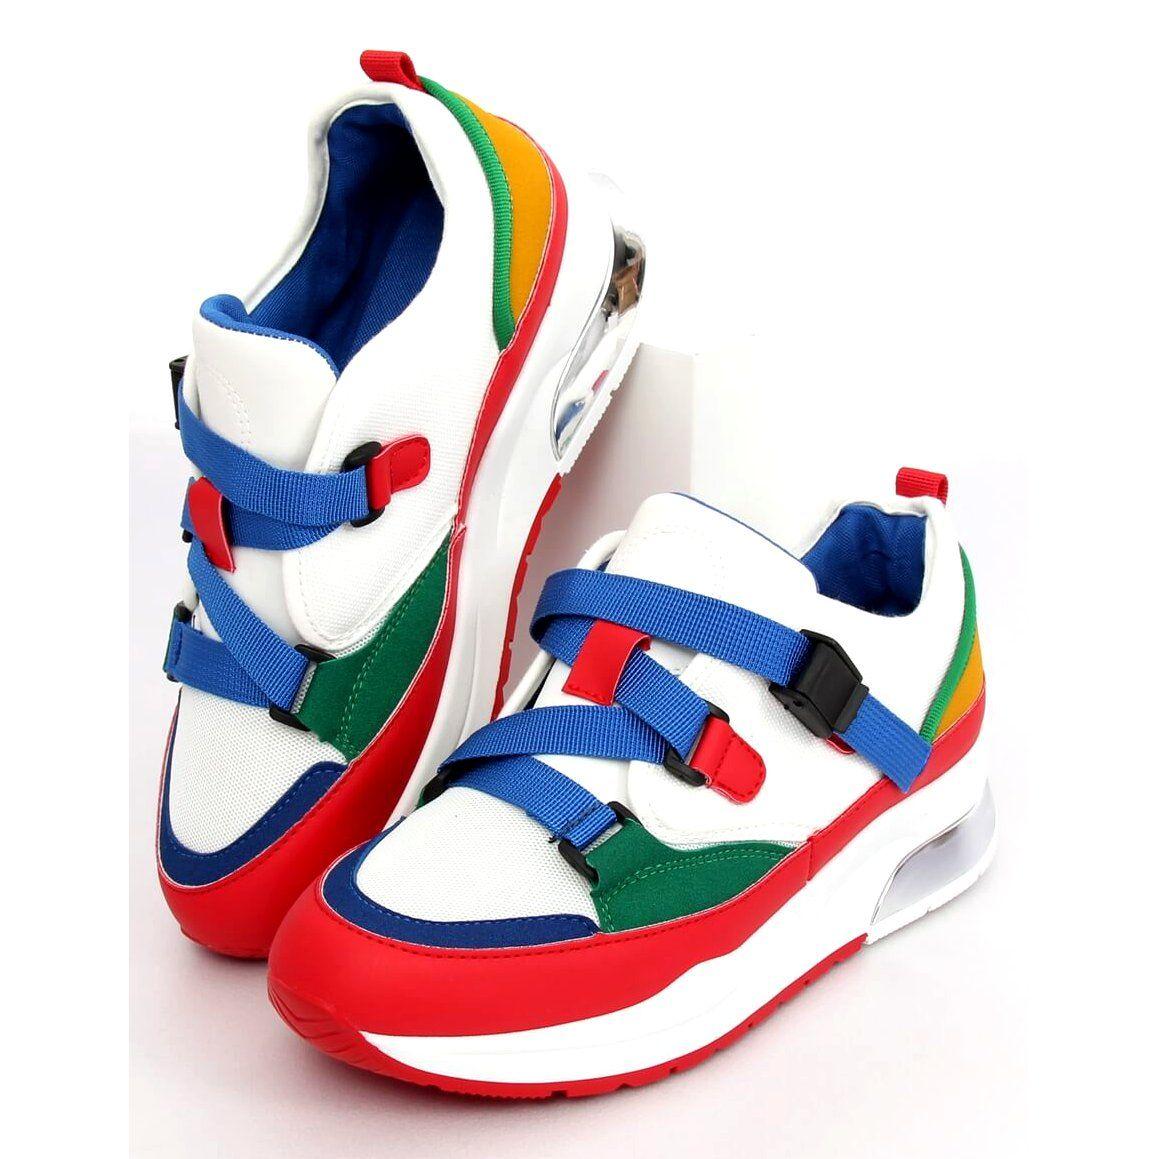 Trampki Damskie Butymodne Buty Sportowe Kolorowe 8801 Blue Baby Shoes Sneakers Shoes